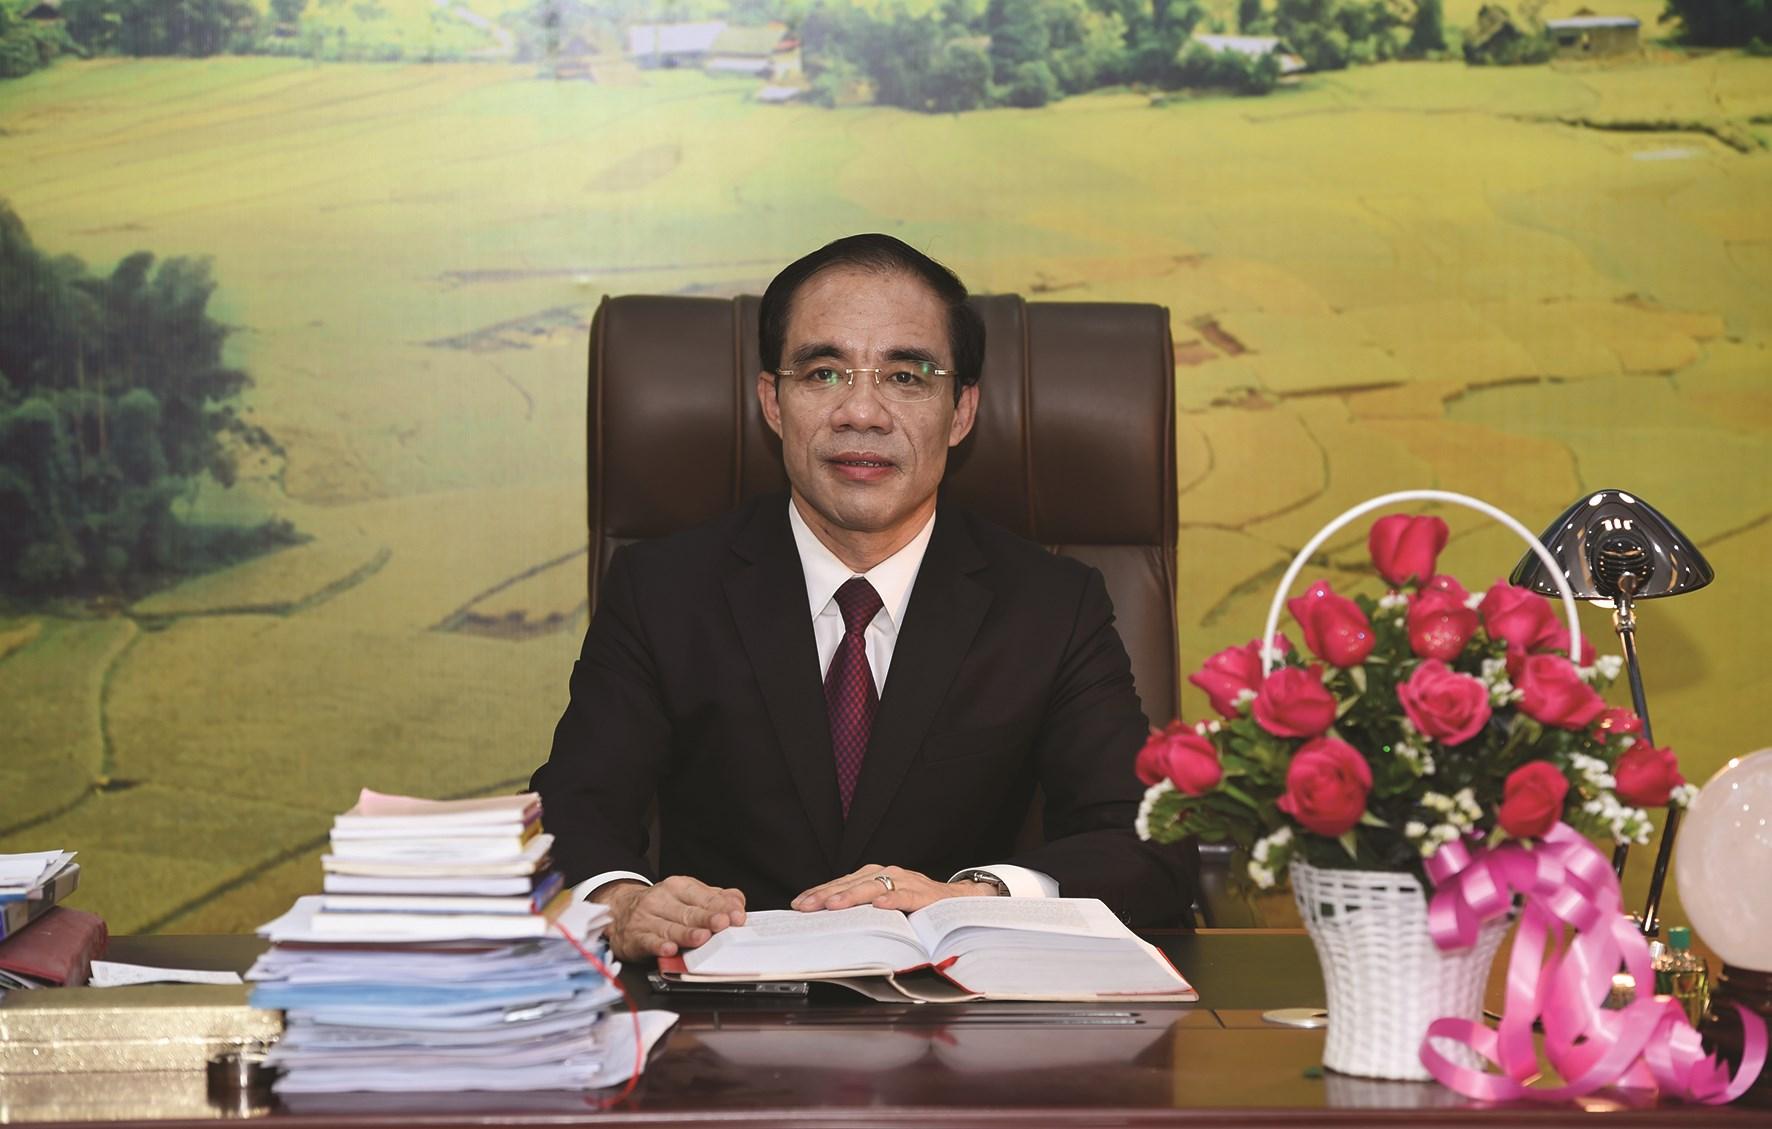 Đồng chí Chẩu Văn Lâm, Ủy viên BCH Trung ương Đảng, Bí thư Tỉnh ủy tỉnh Tuyên Quang